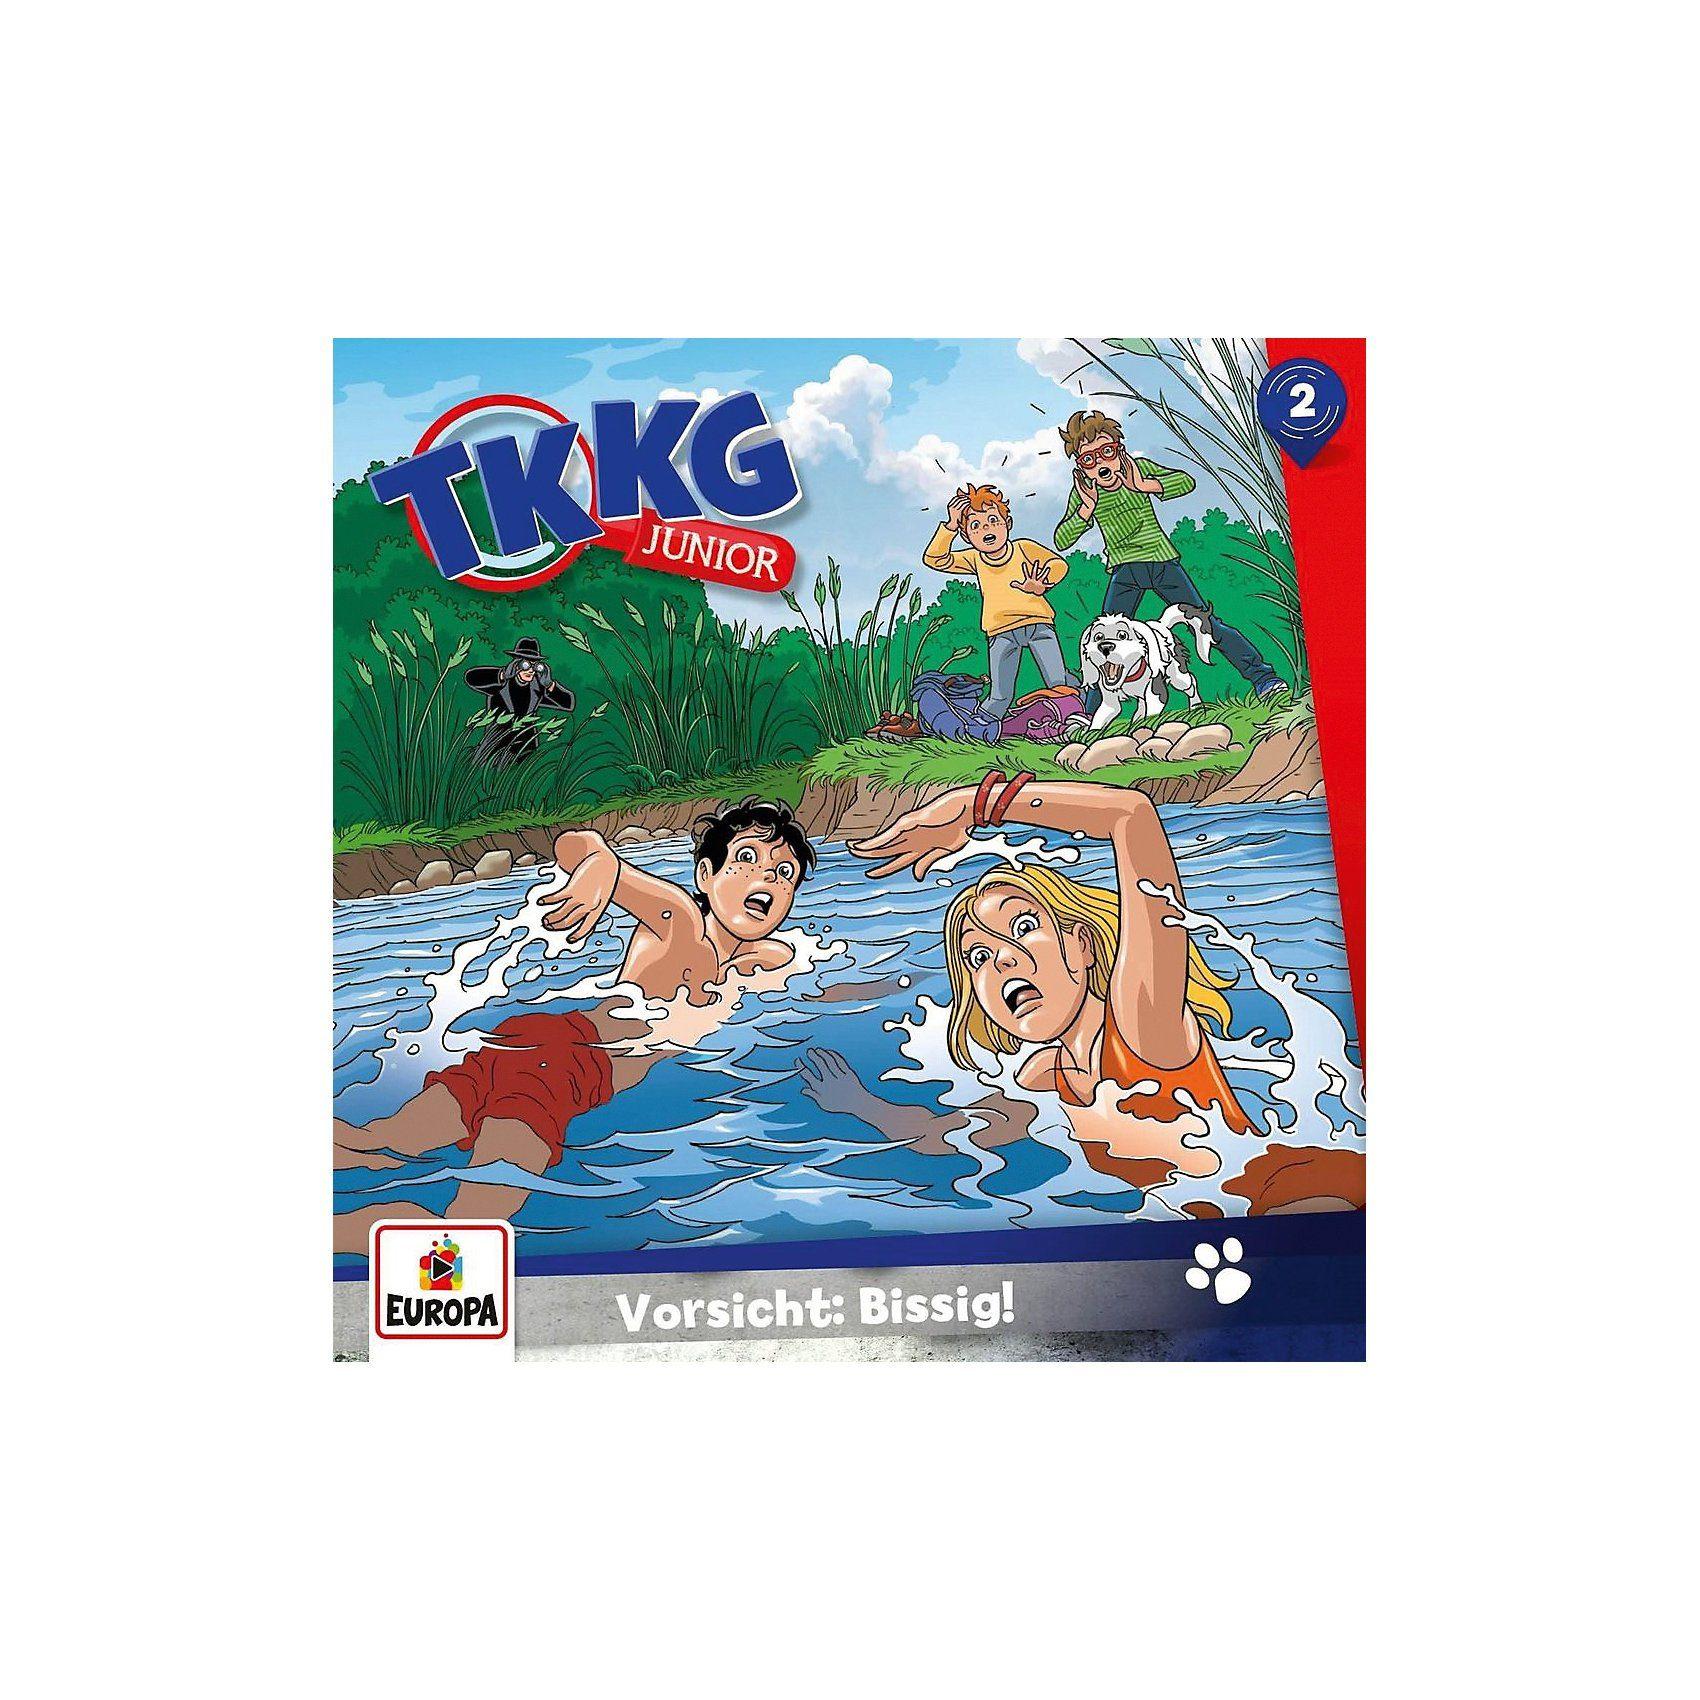 Sony CD TKKG Junior 02 - Vorsicht: Bissig!